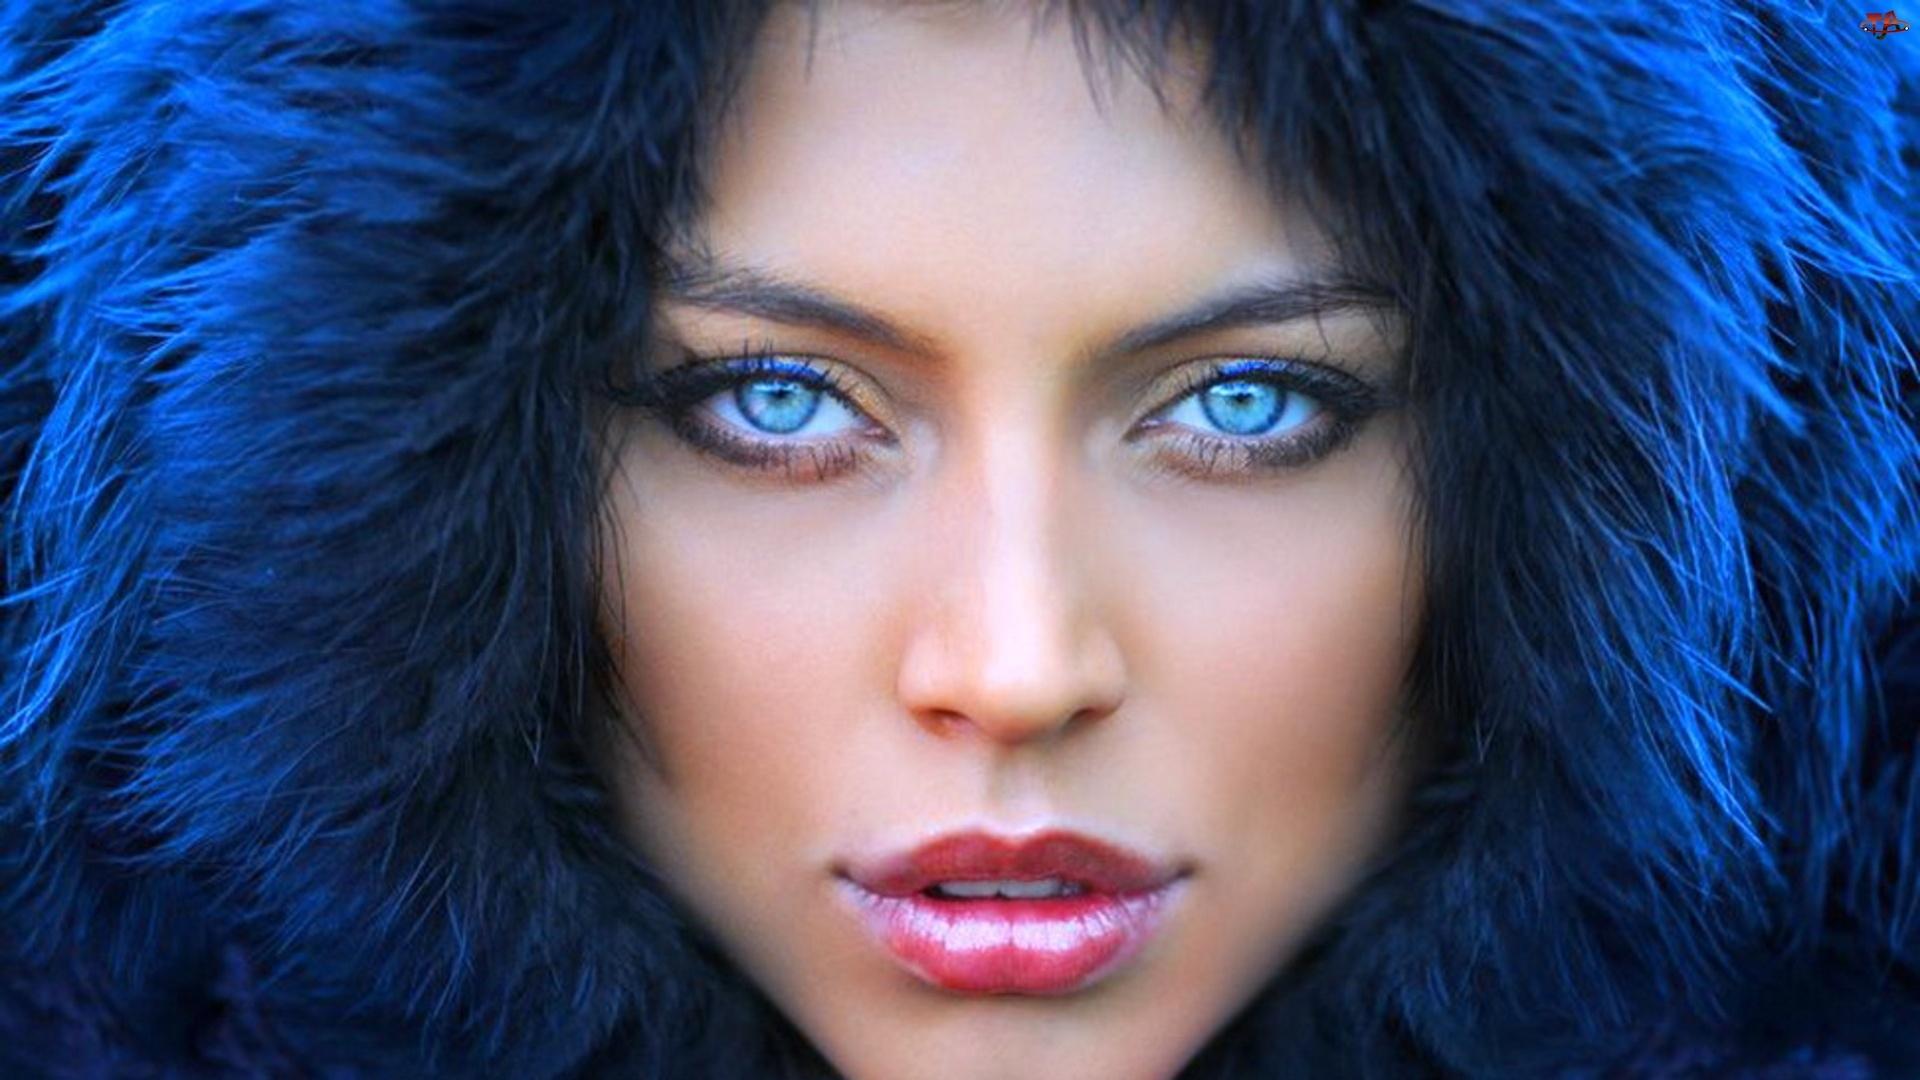 Dziewczyna, Oczy, Makijaż, Błękitne